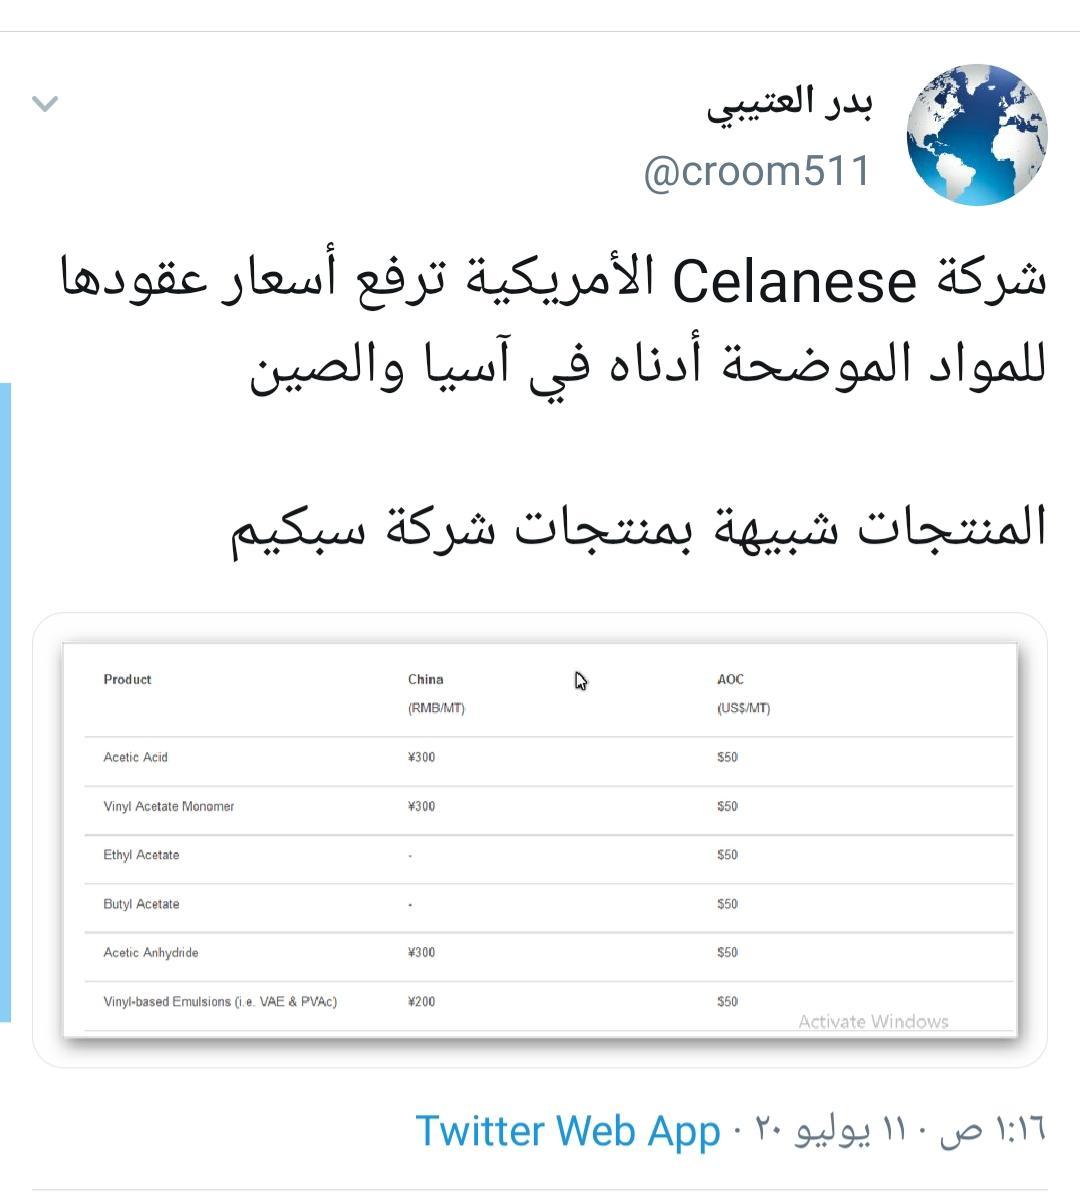 رد: سهم سبكيم وشراء ٧٣ مليون سهم